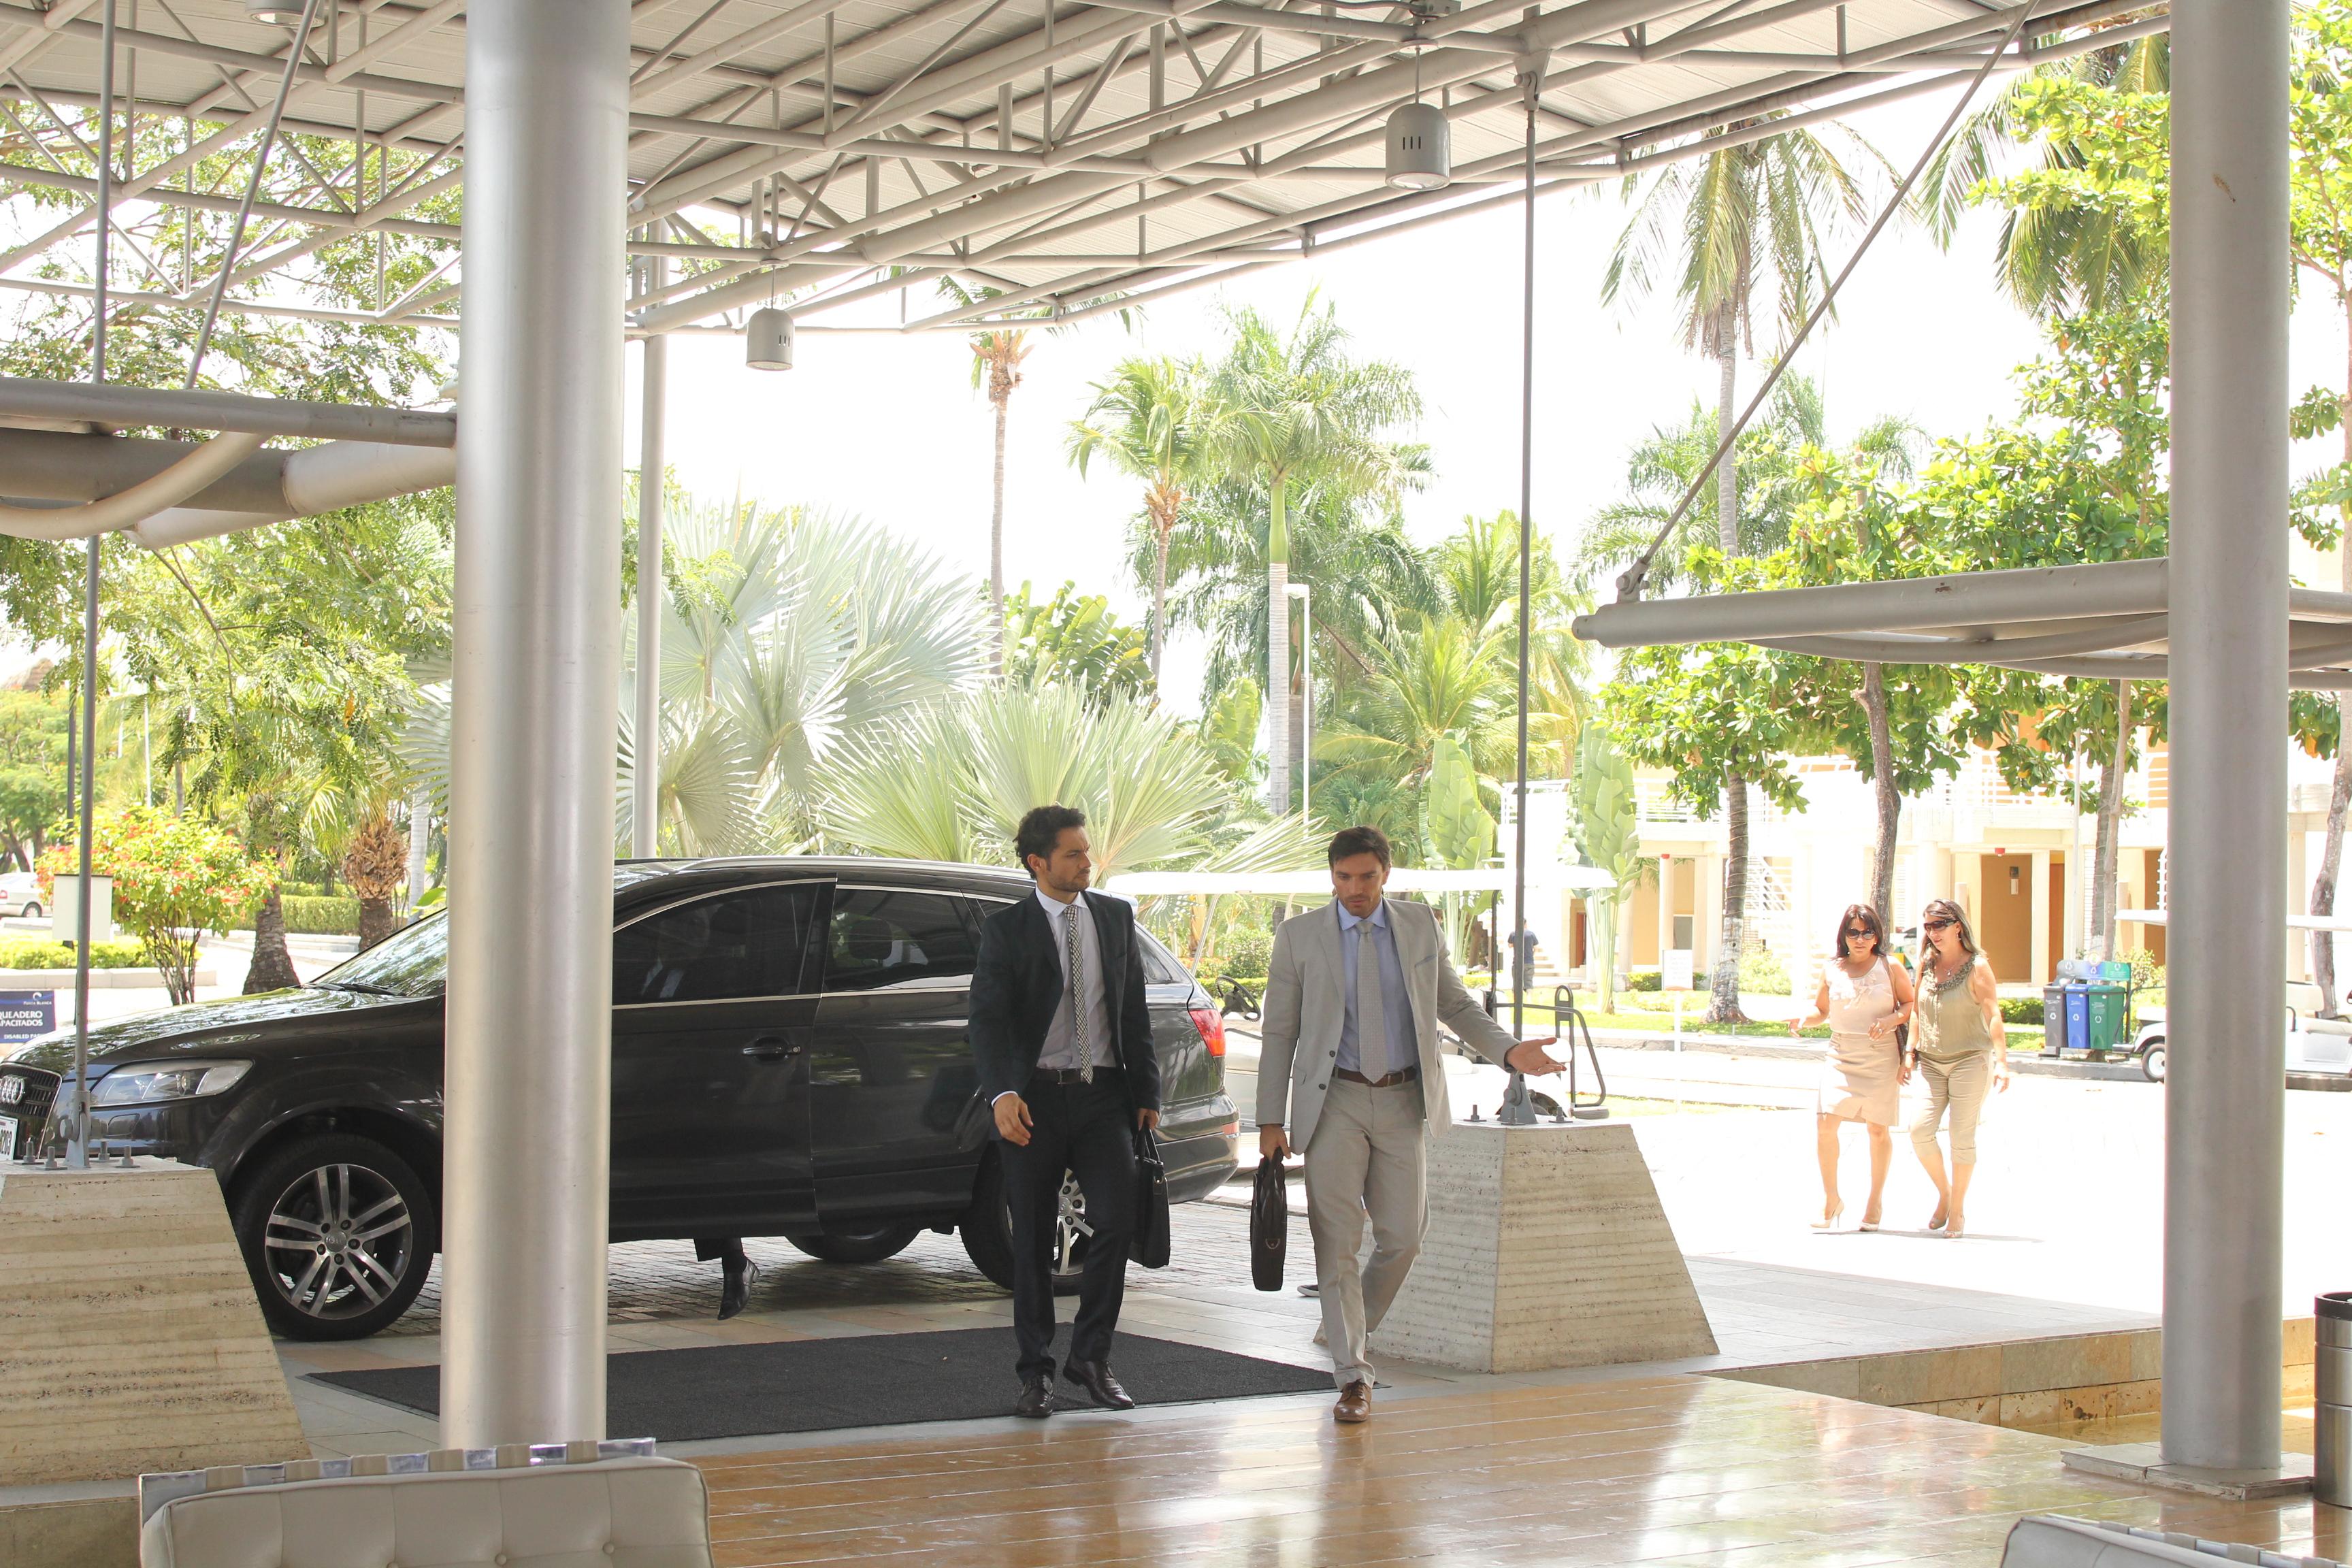 Recepción Hotel Locación intervenida